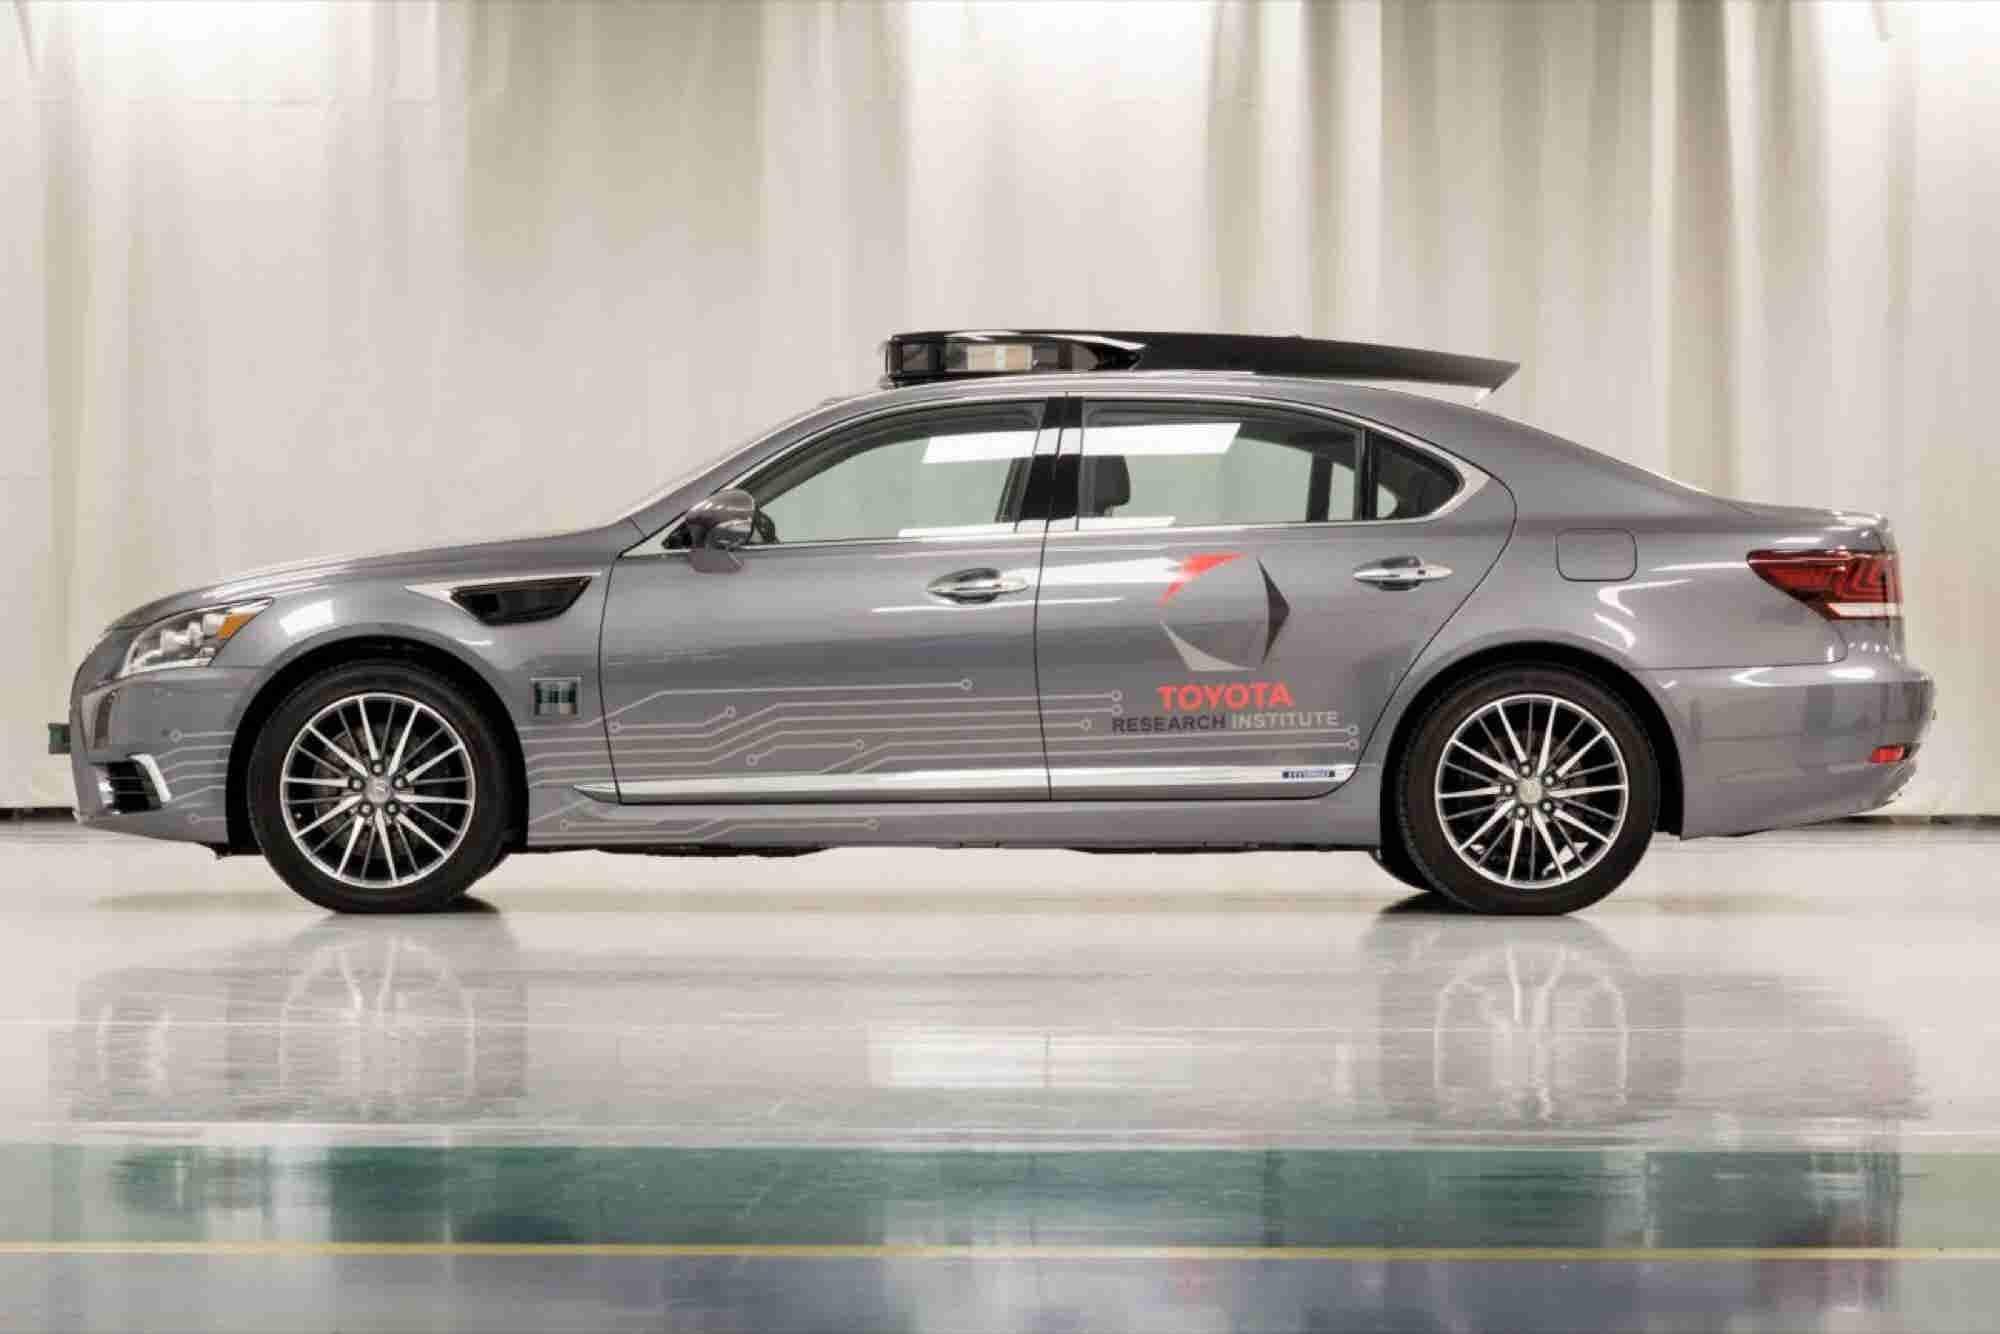 Toyota to Show Off Autonomous Car Gains at CES